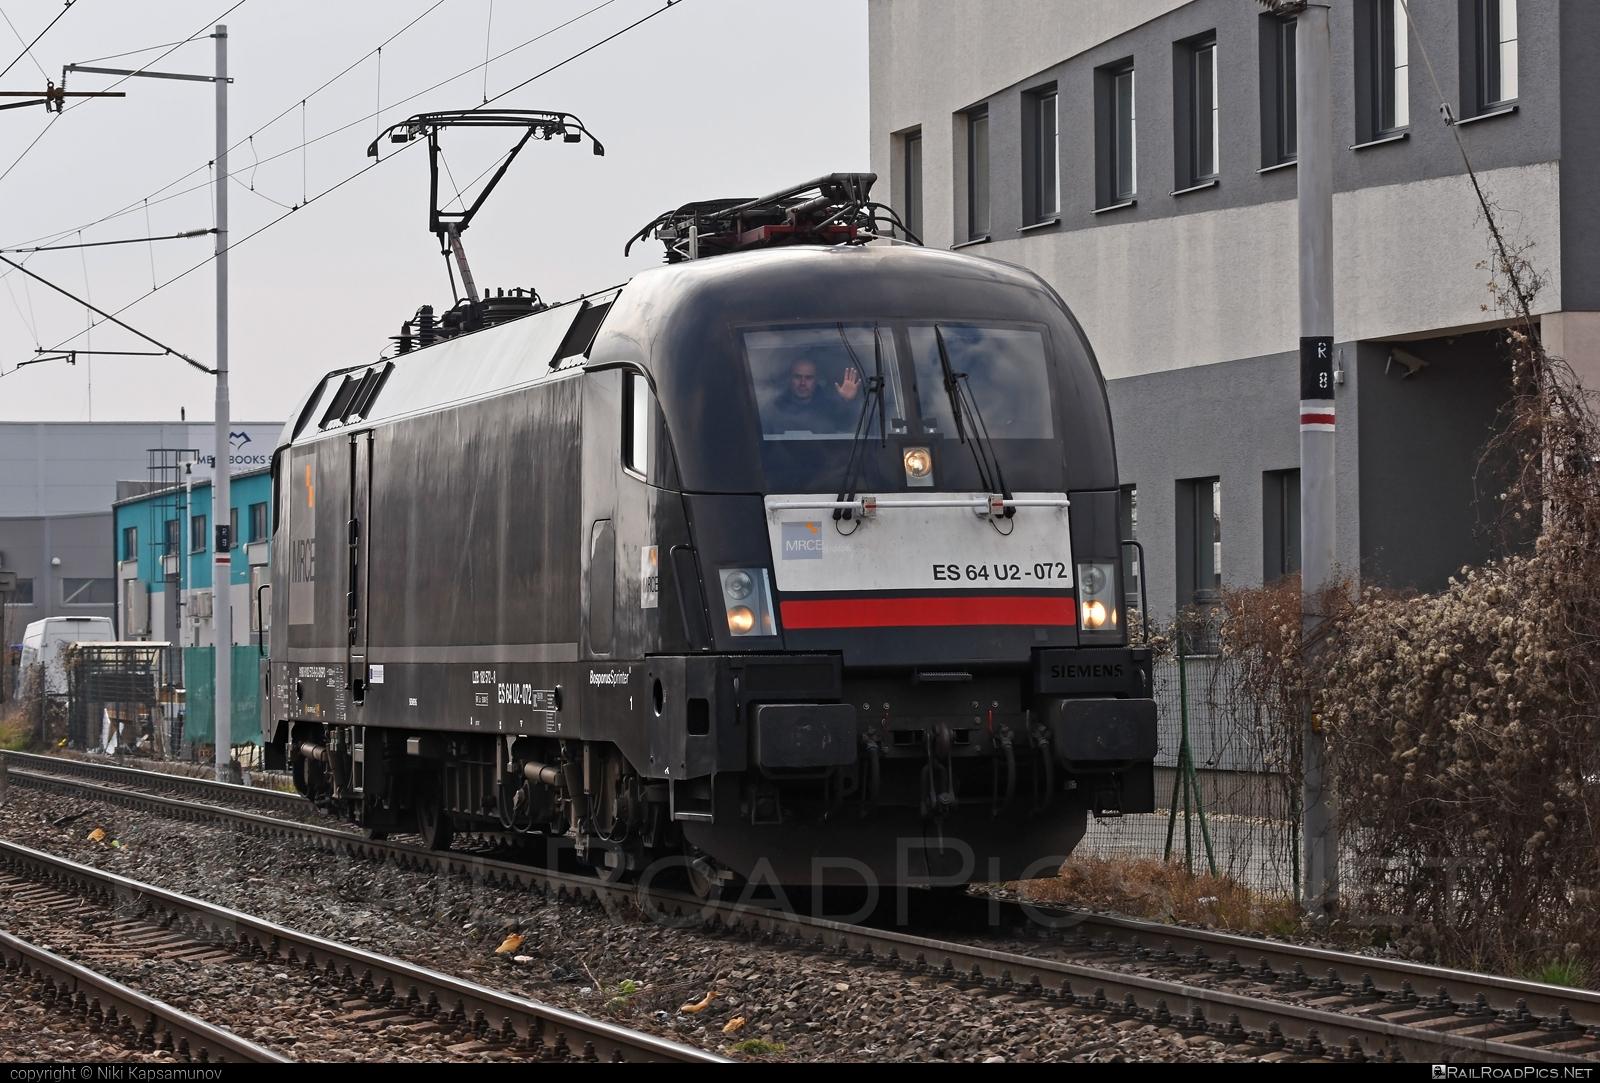 Siemens ES 64 U2 - 182 572-8 operated by ecco-rail GmbH #dispolok #eccorail #eccorailgmbh #es64 #es64u #es64u2 #eurosprinter #mitsuirailcapitaleurope #mitsuirailcapitaleuropegmbh #mrce #siemens #siemenses64 #siemenses64u #siemenses64u2 #siemenstaurus #taurus #tauruslocomotive